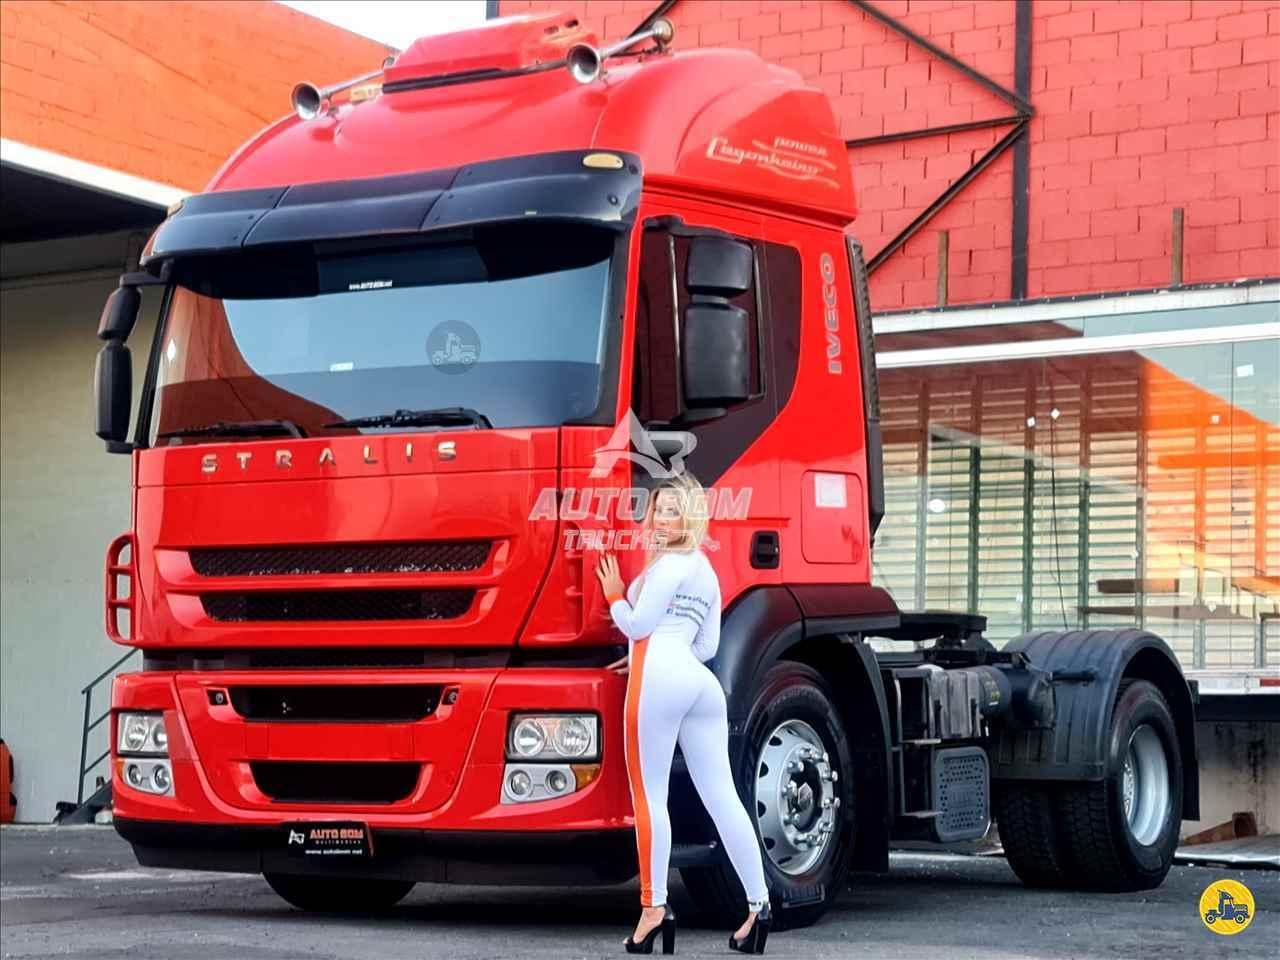 CAMINHAO IVECO STRALIS 460 Cavalo Mecânico Toco 4x2 Autobom Trucks CONTAGEM MINAS GERAIS MG